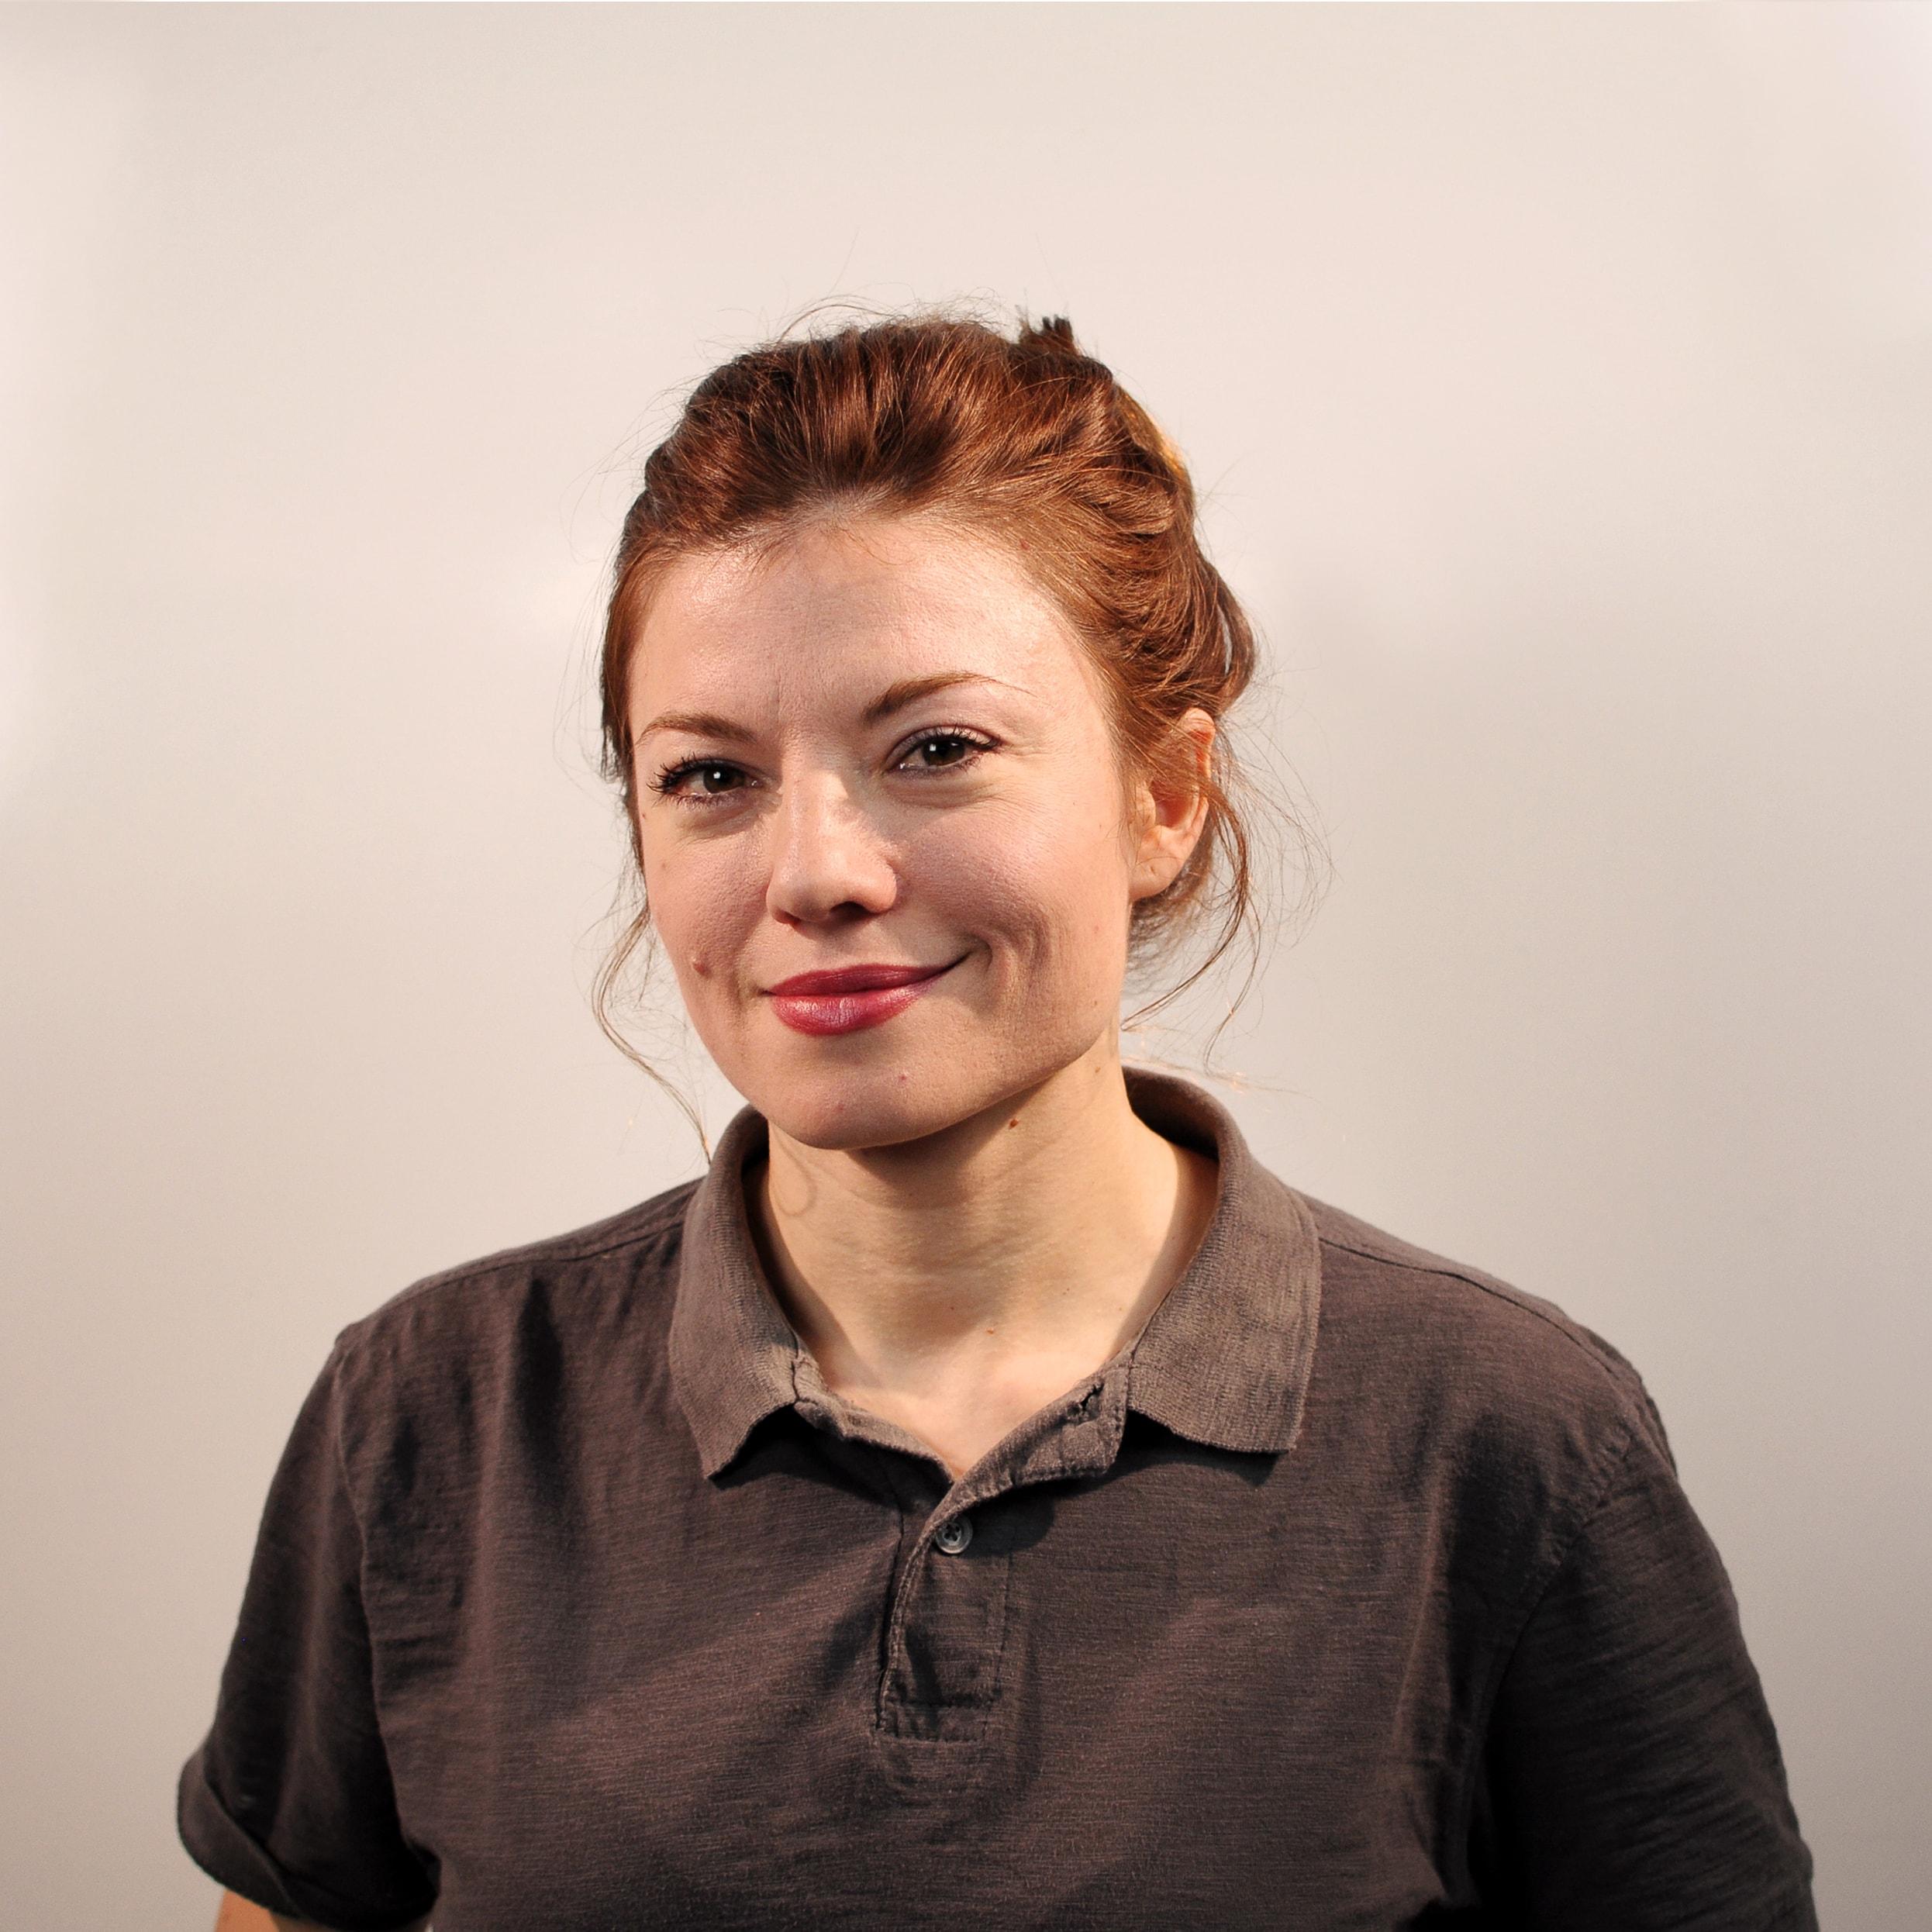 Alicia Palacios